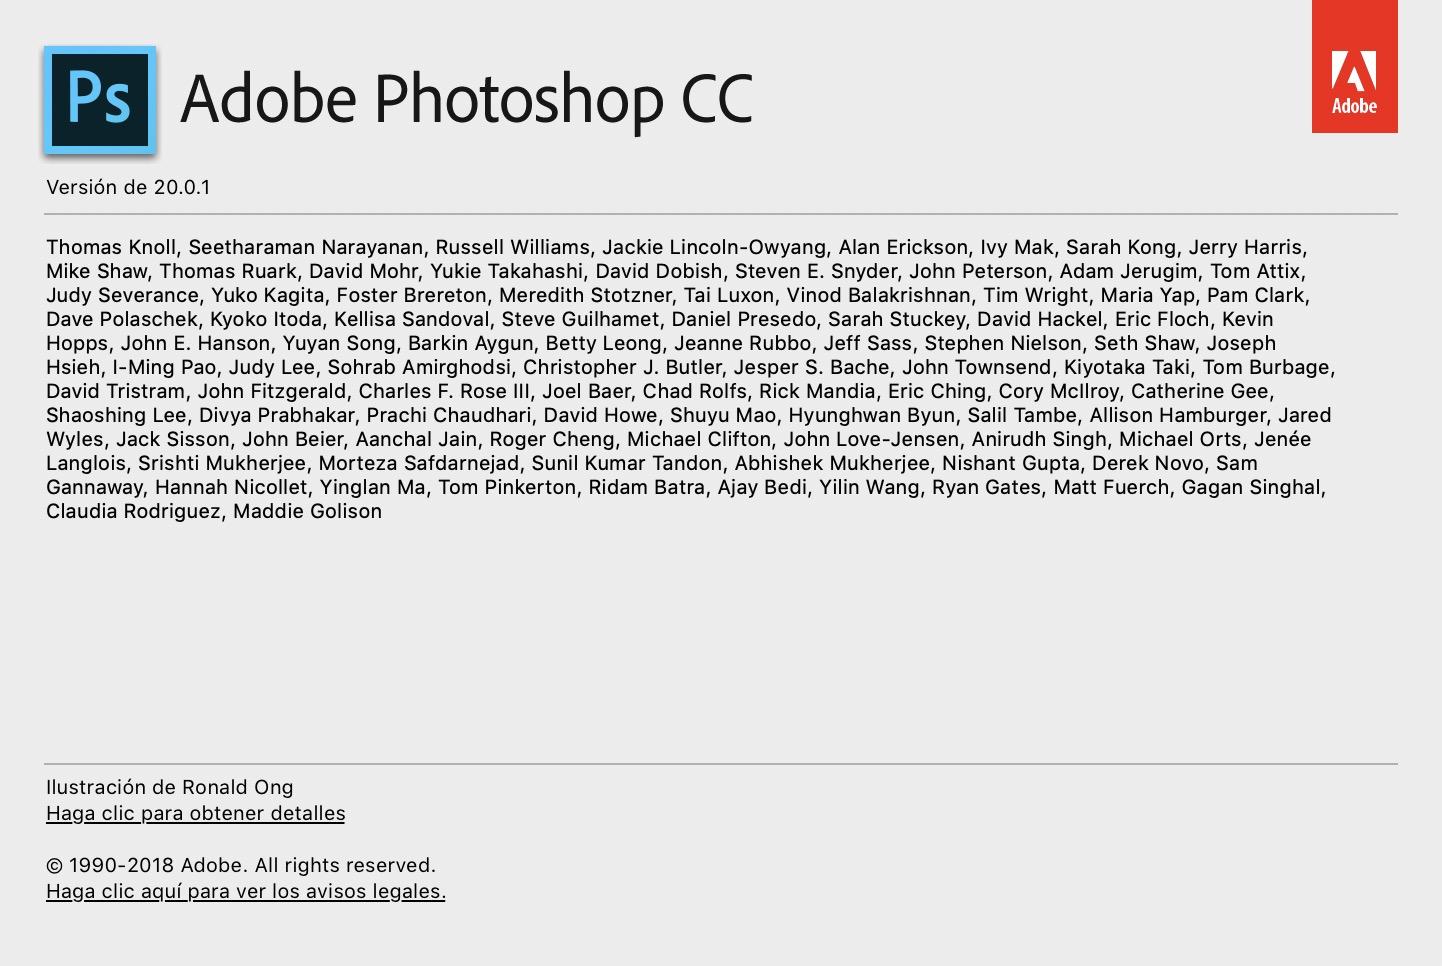 Actualización Adobe Photoshop CC 2019 v20.0.1 y corrección propia a la lentitud del pincel